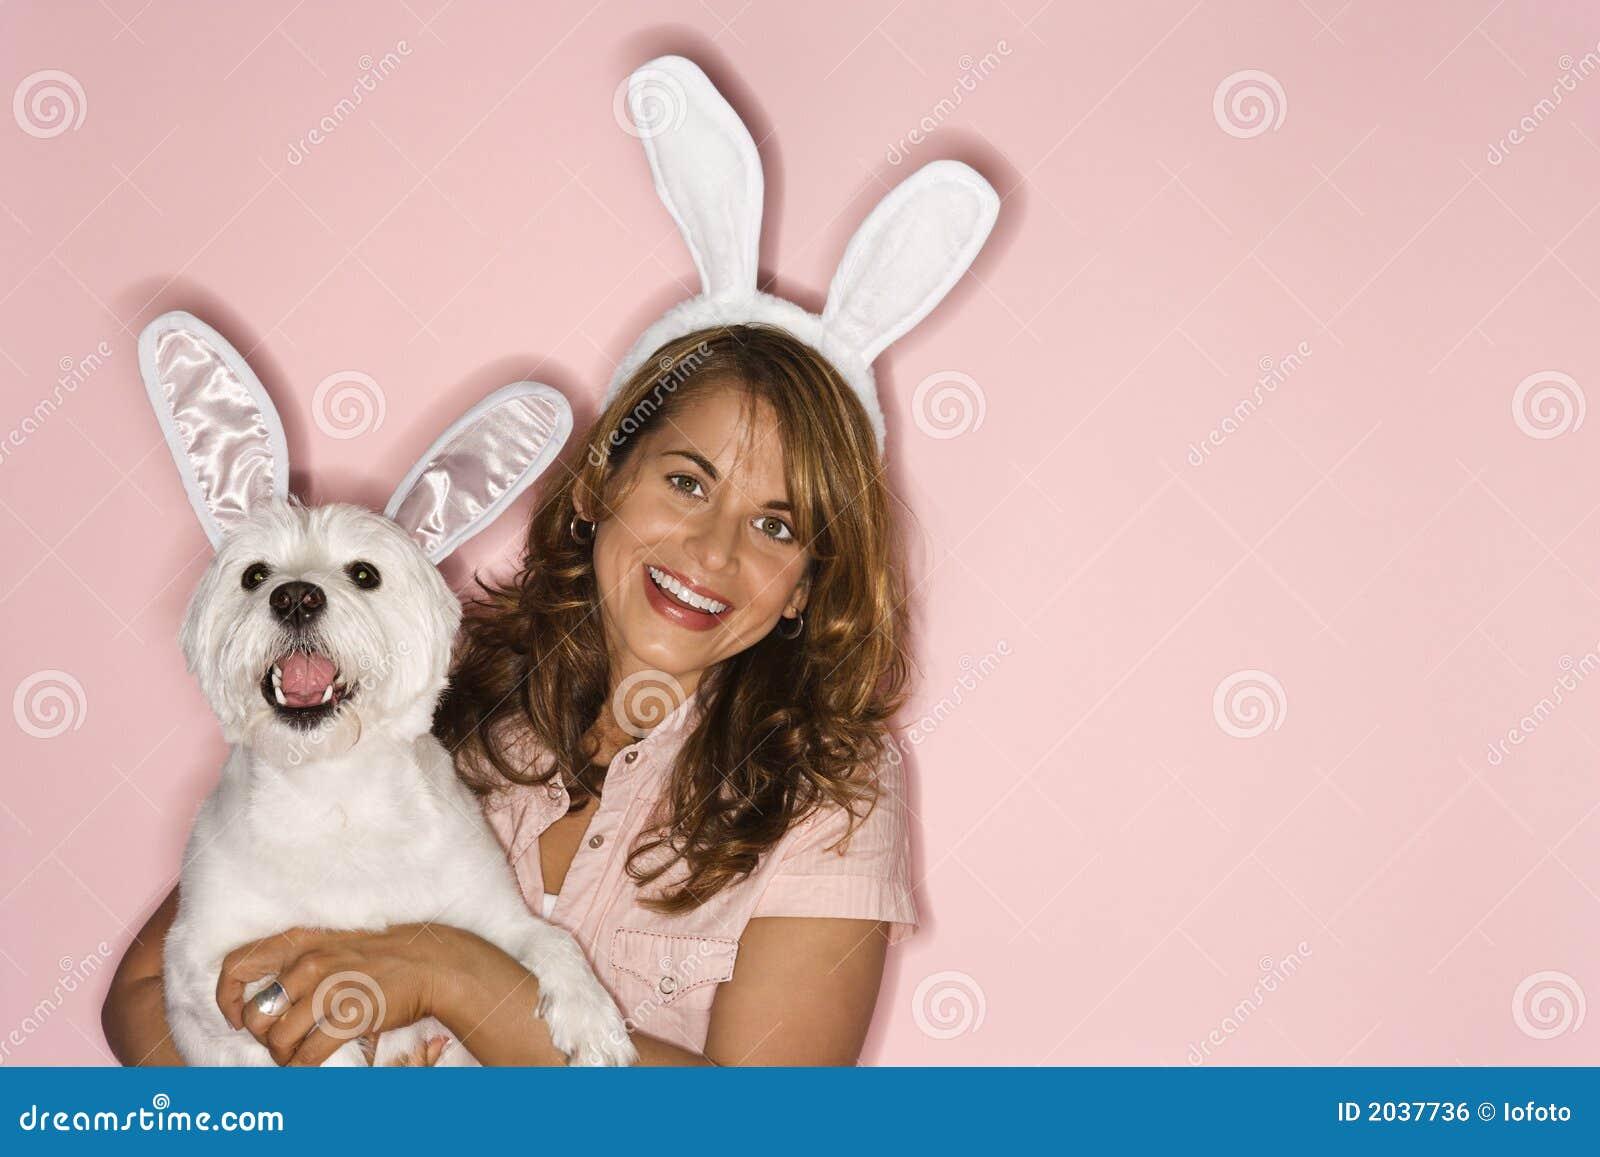 Orecchie di coniglio da portare del cane bianco e della donna.